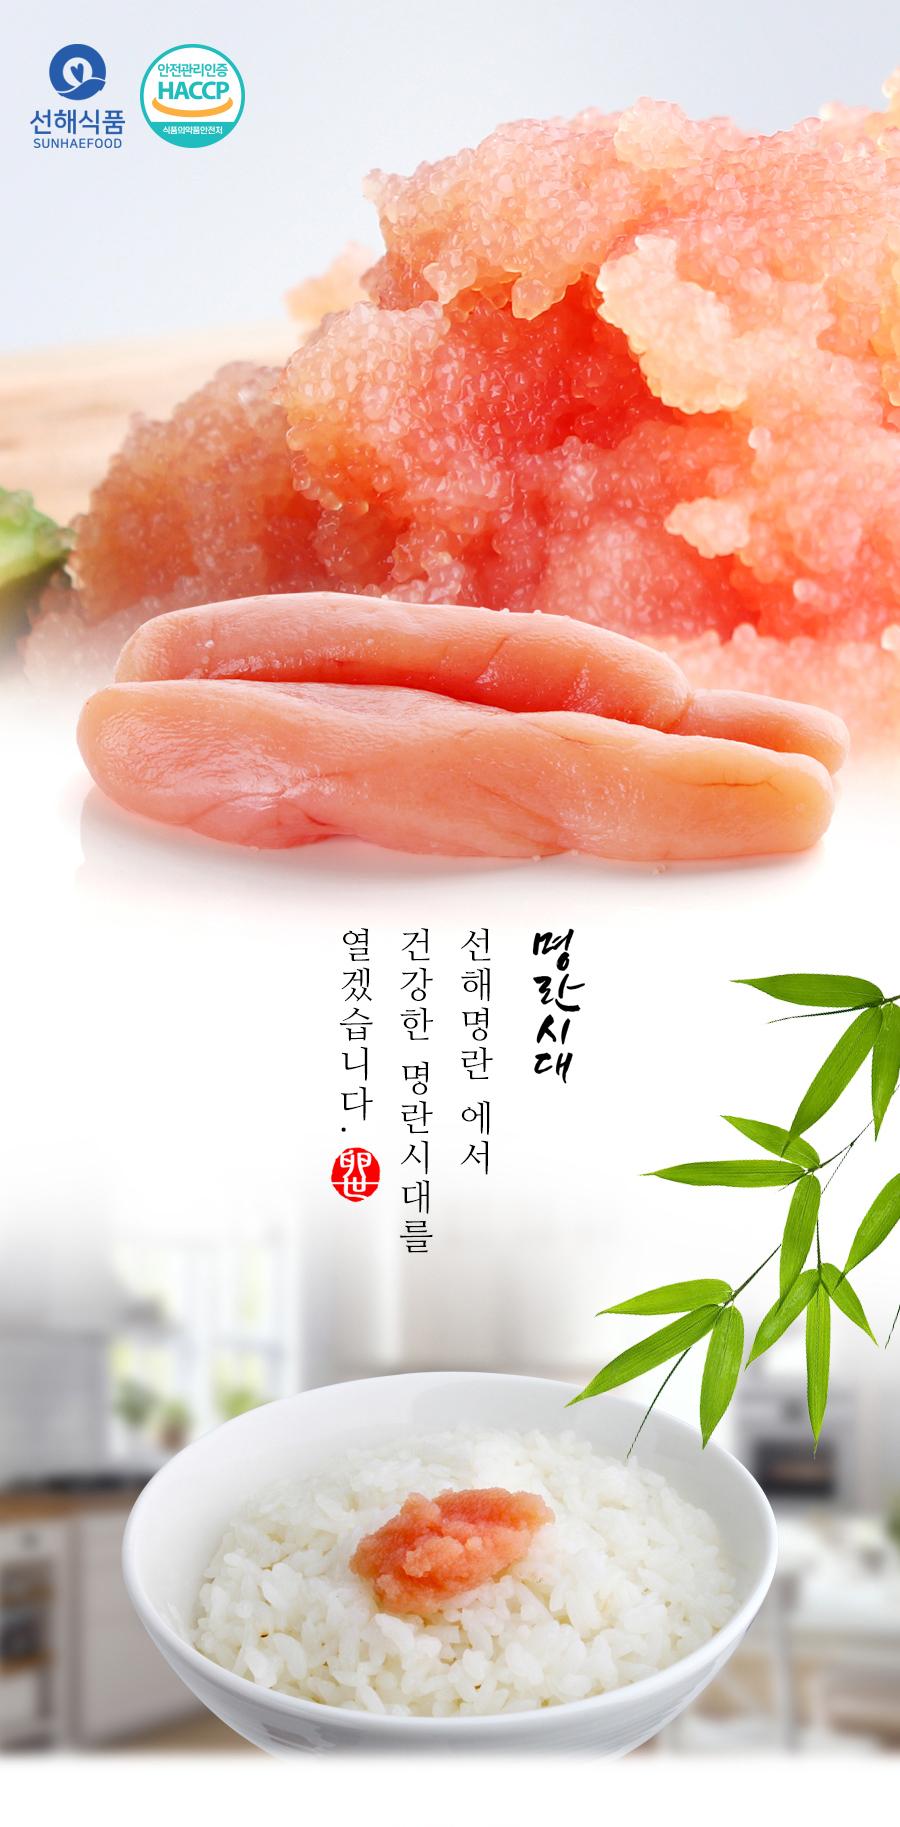 0106_명란시대_상세이미지_01.jpg